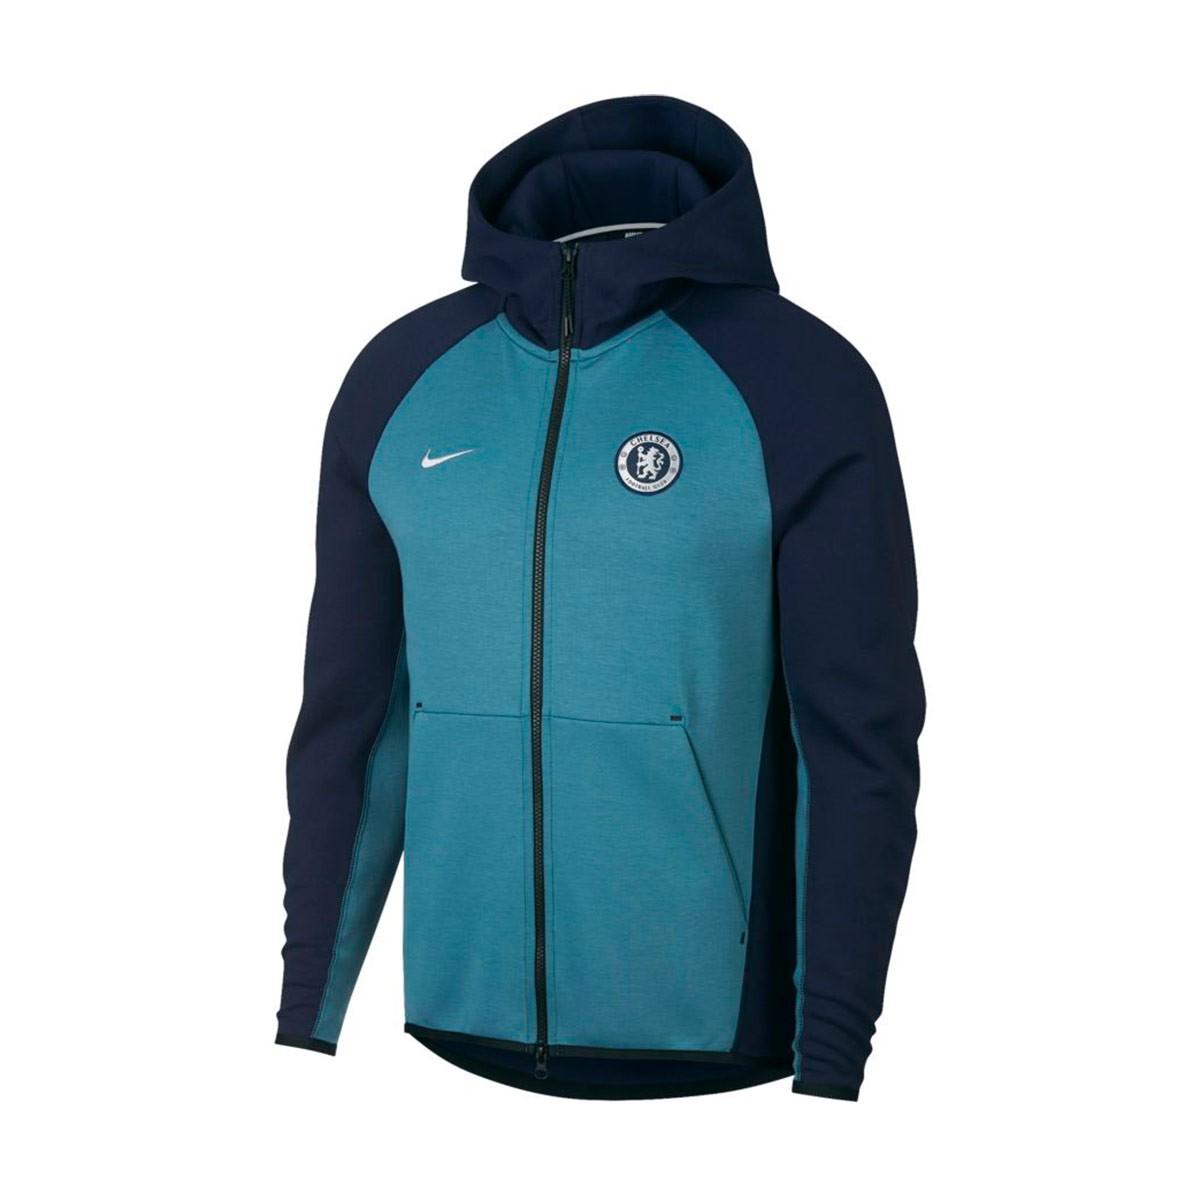 cfd3f36b1631a Sweatshirt Nike Chelsea FC Tech Fleece 2018-2019 Obsidian-Celestial ...